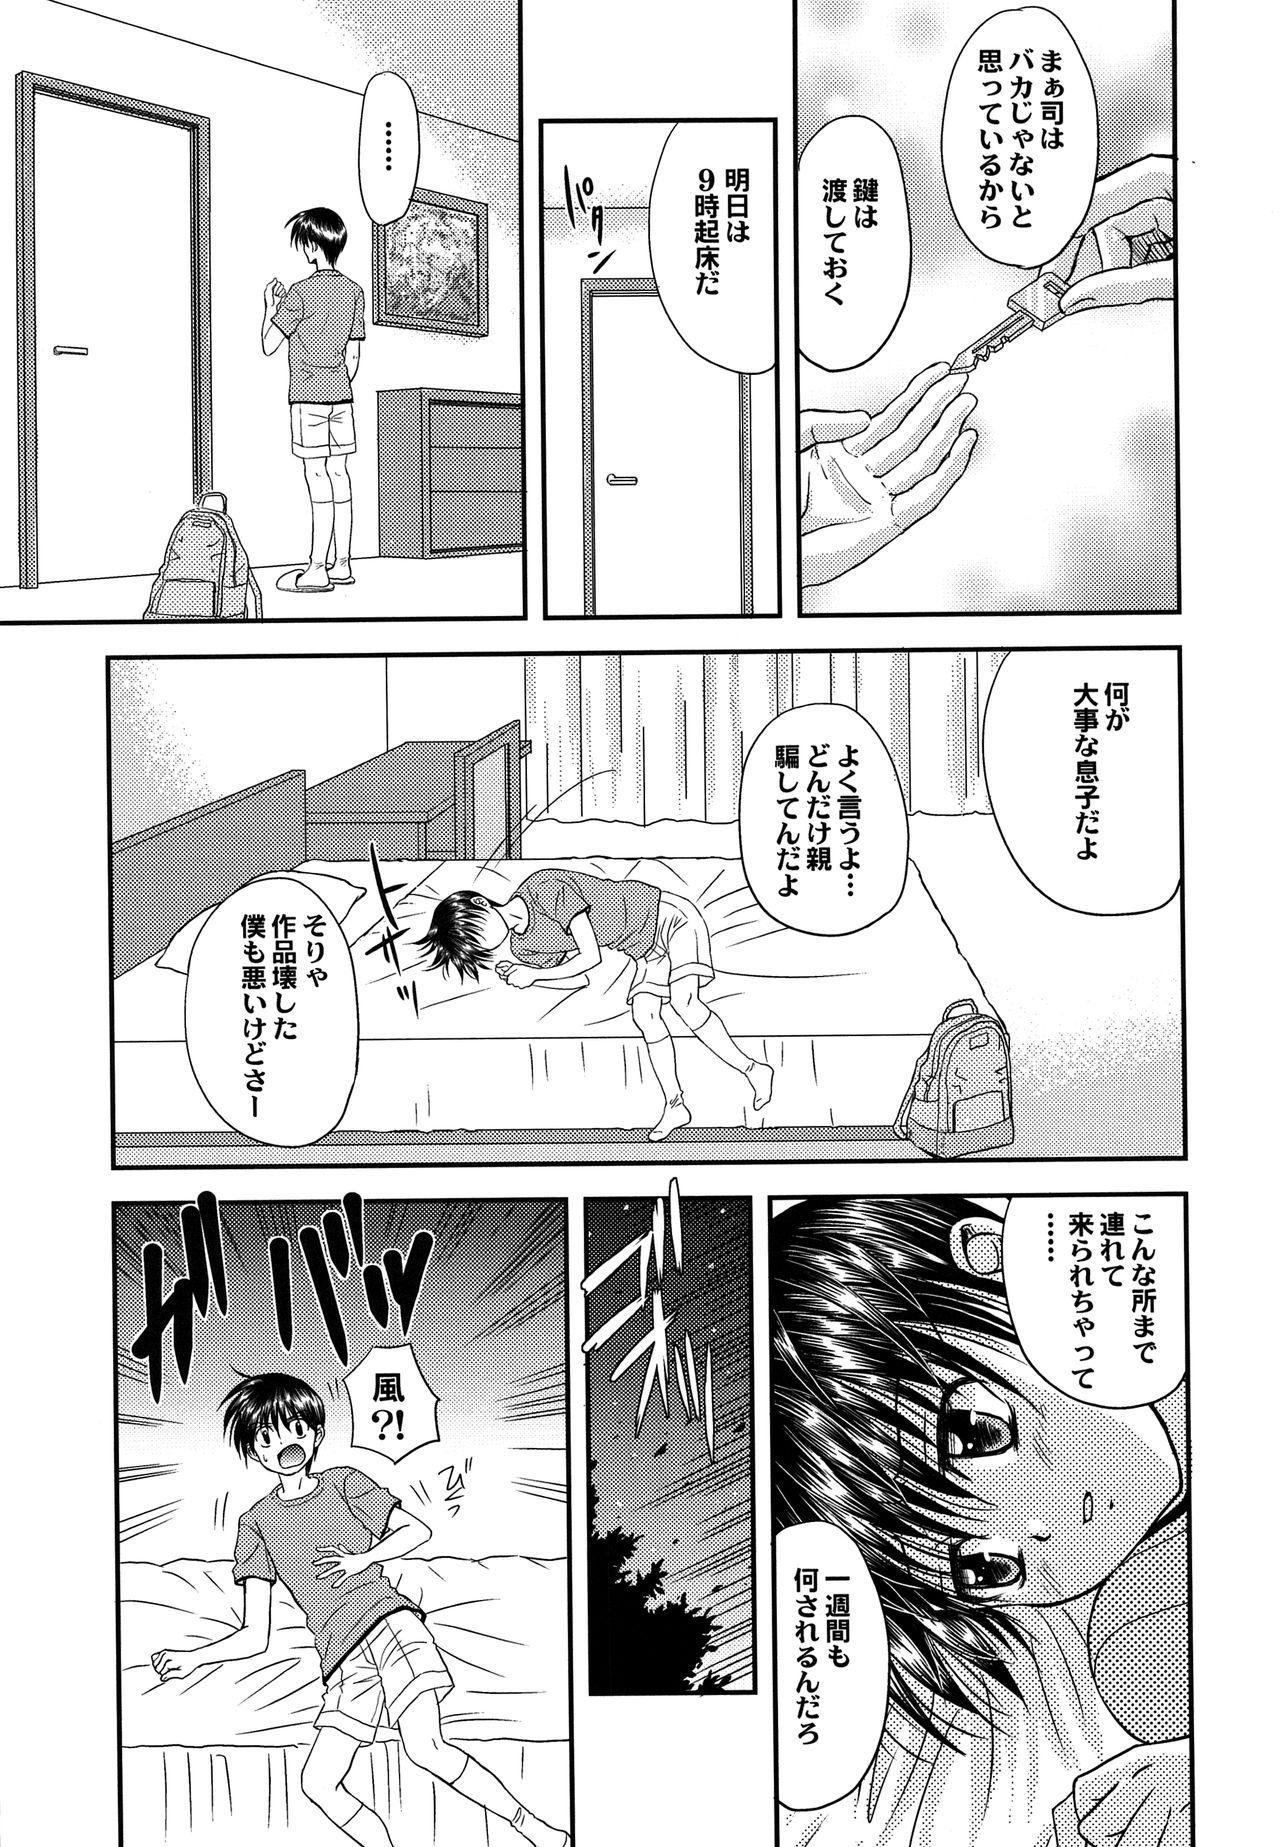 Bishounen Kinbaku Nisshi 13 11